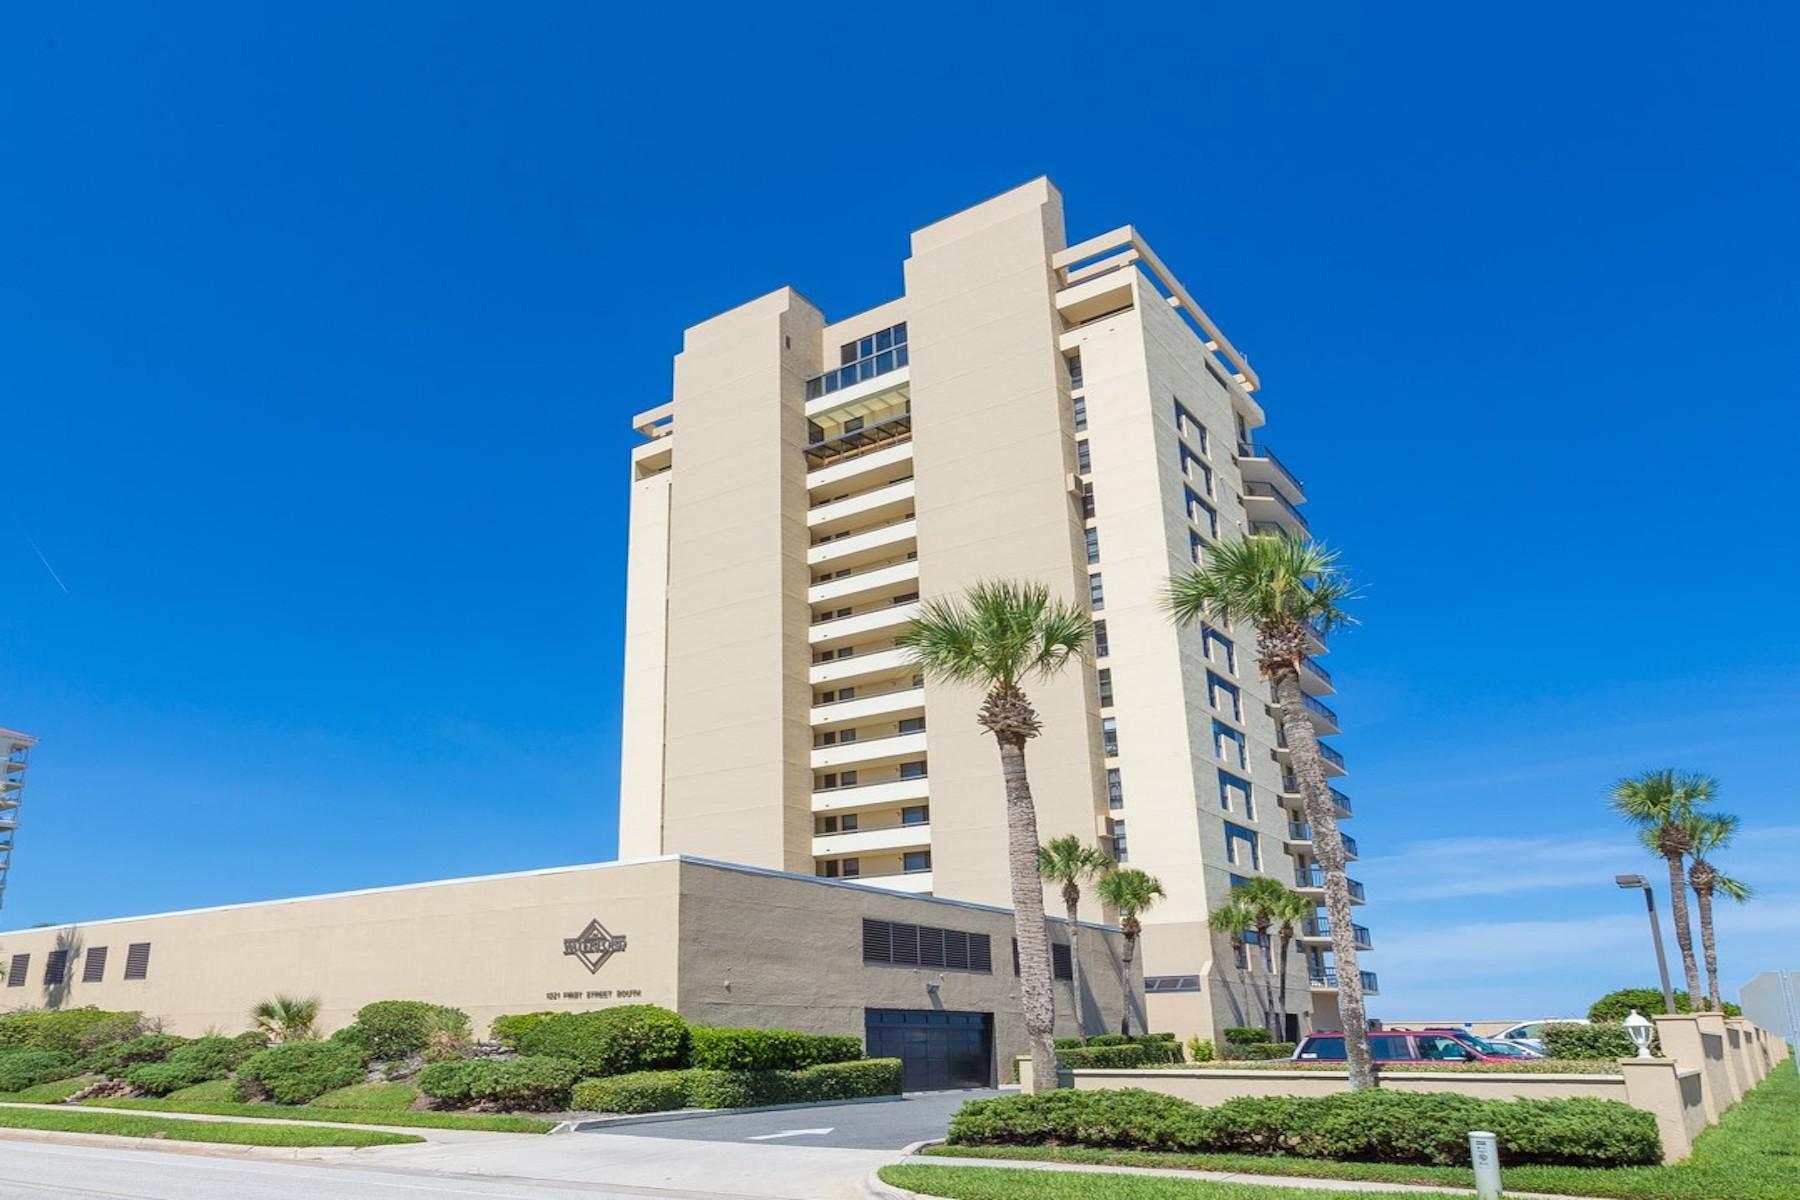 Nhà chung cư vì Bán tại The Waterford 1221 1st St. South 4A Jacksonville, Florida, 32250 Hoa Kỳ